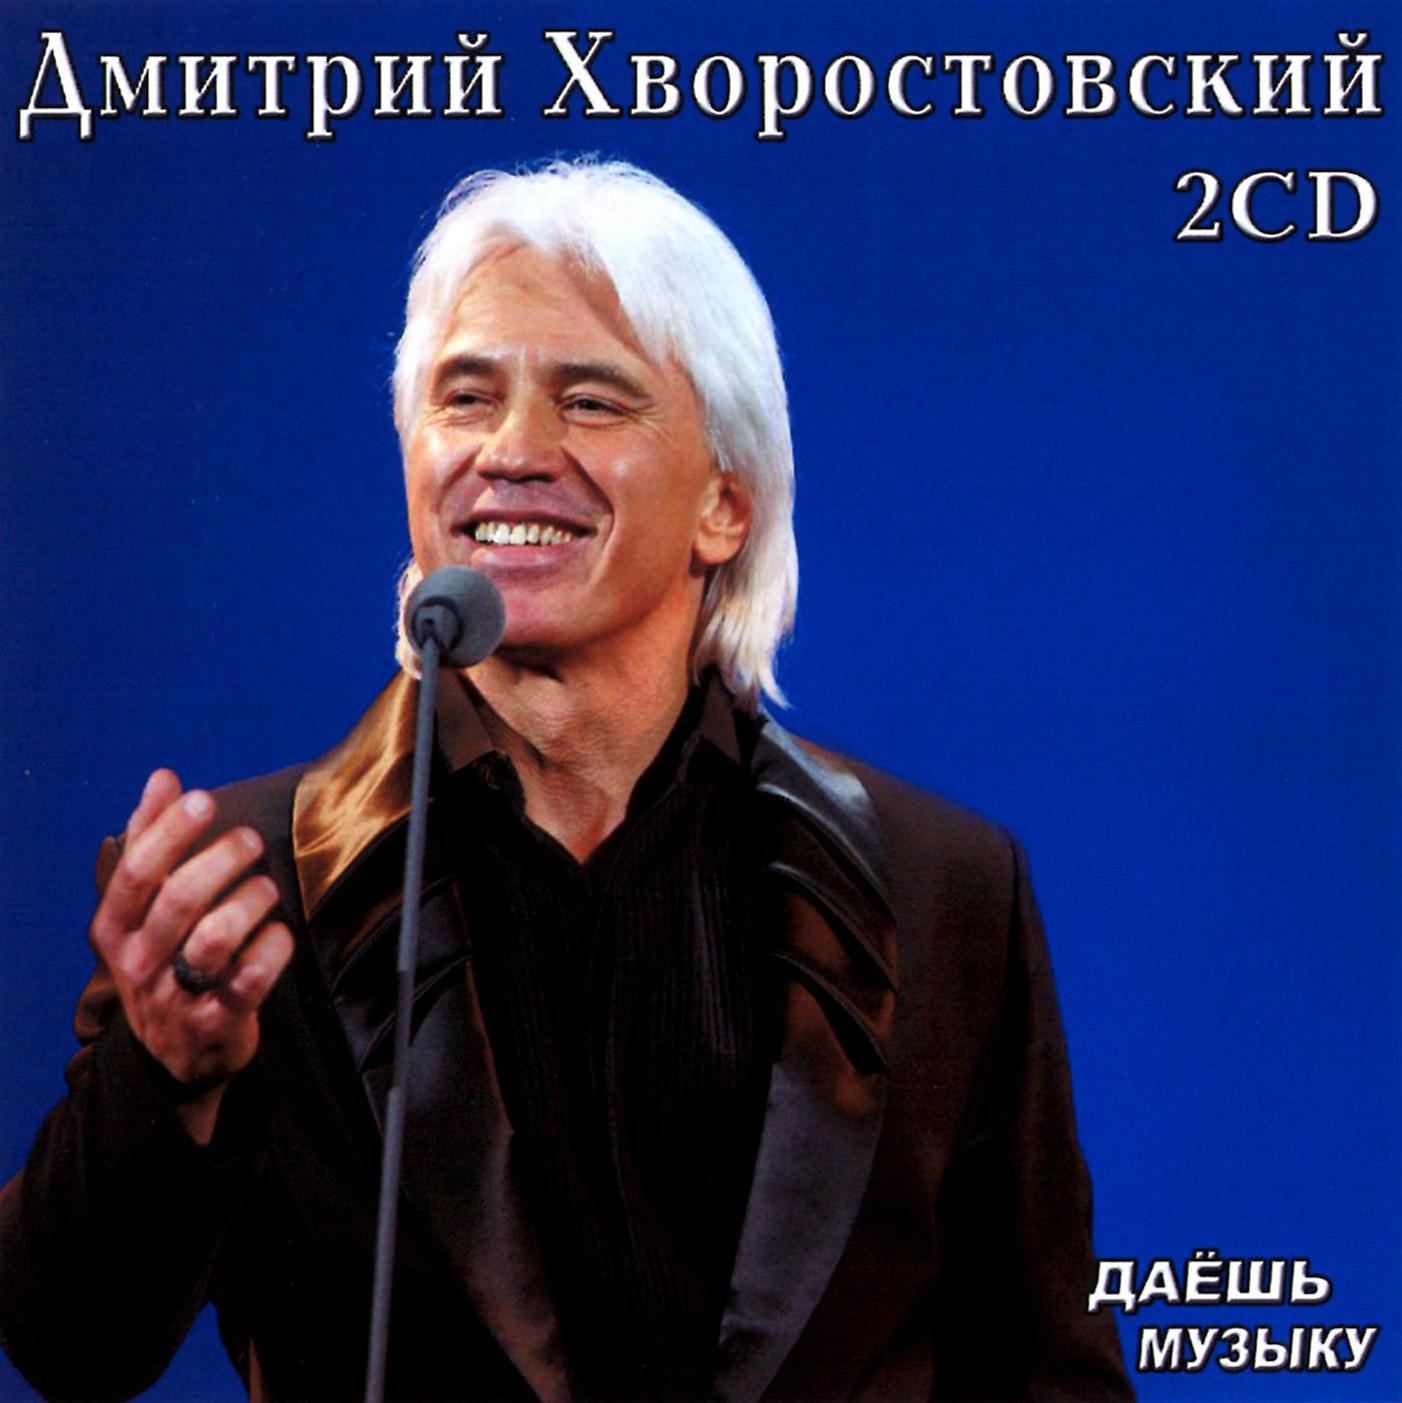 Дмитрий Хворостовский 2cd [mp3]